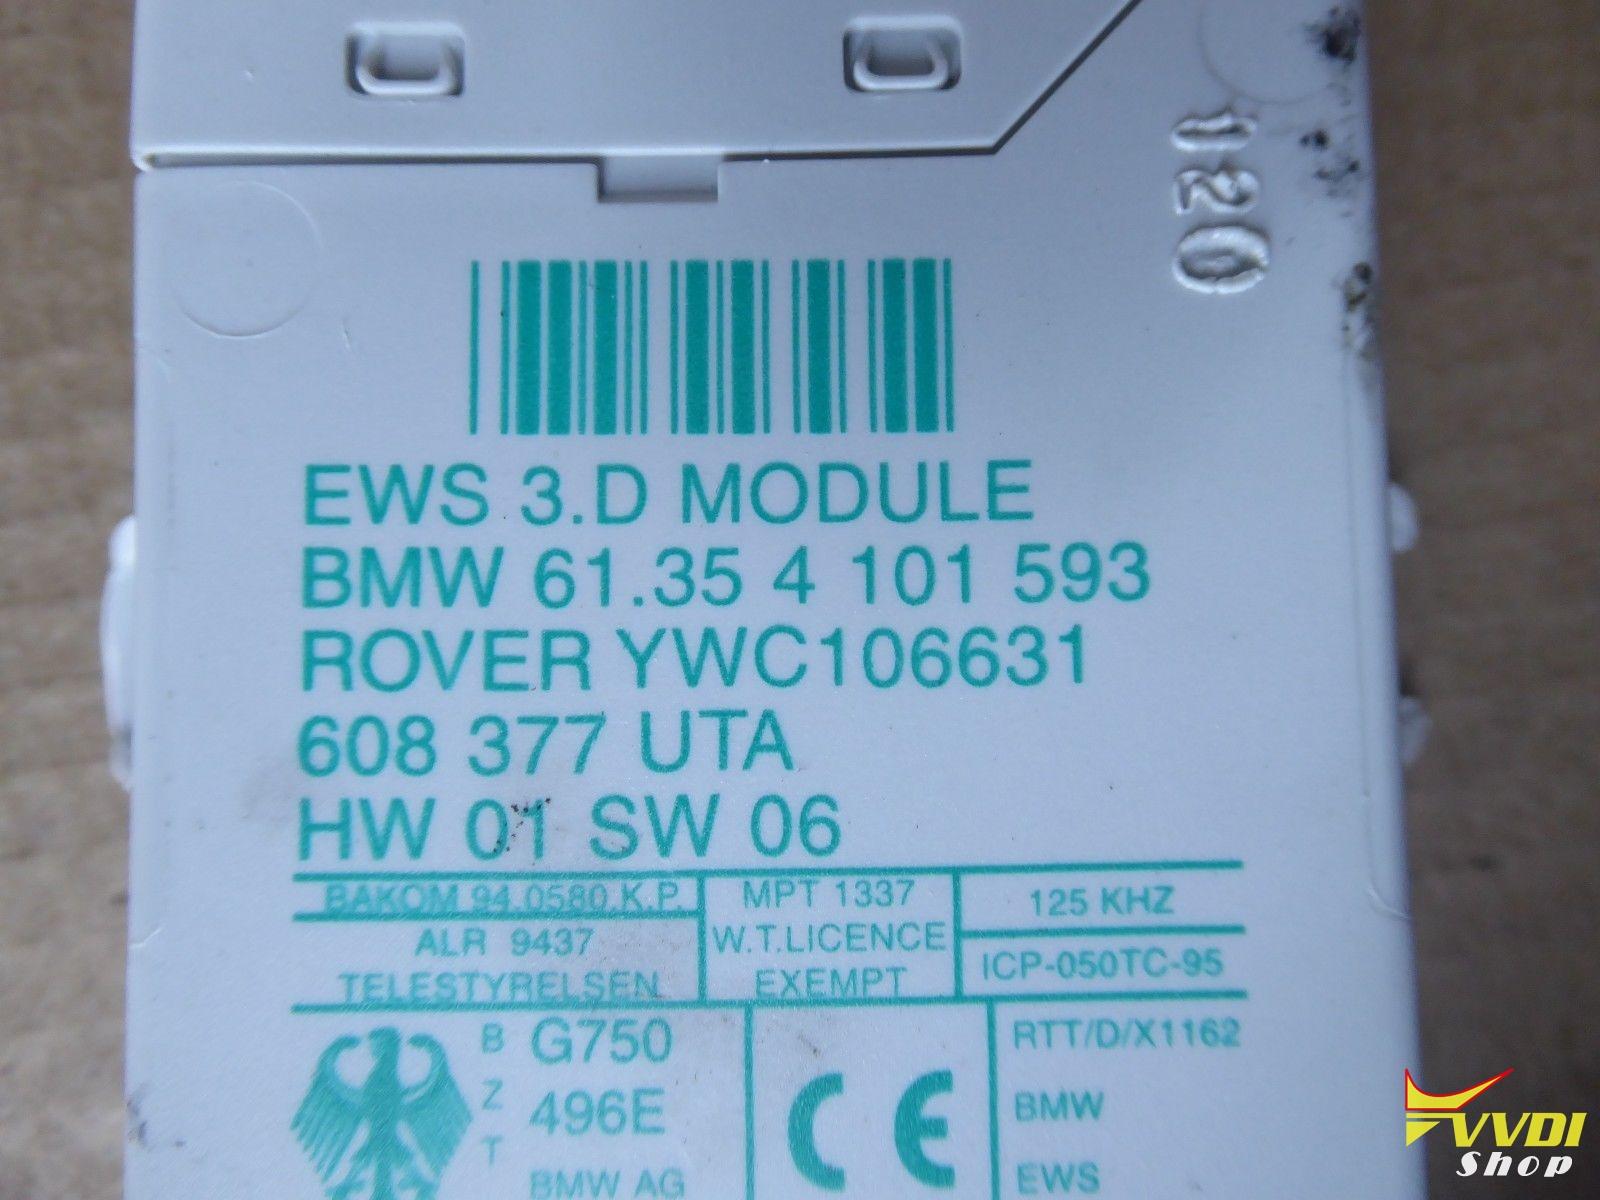 ews3d-module